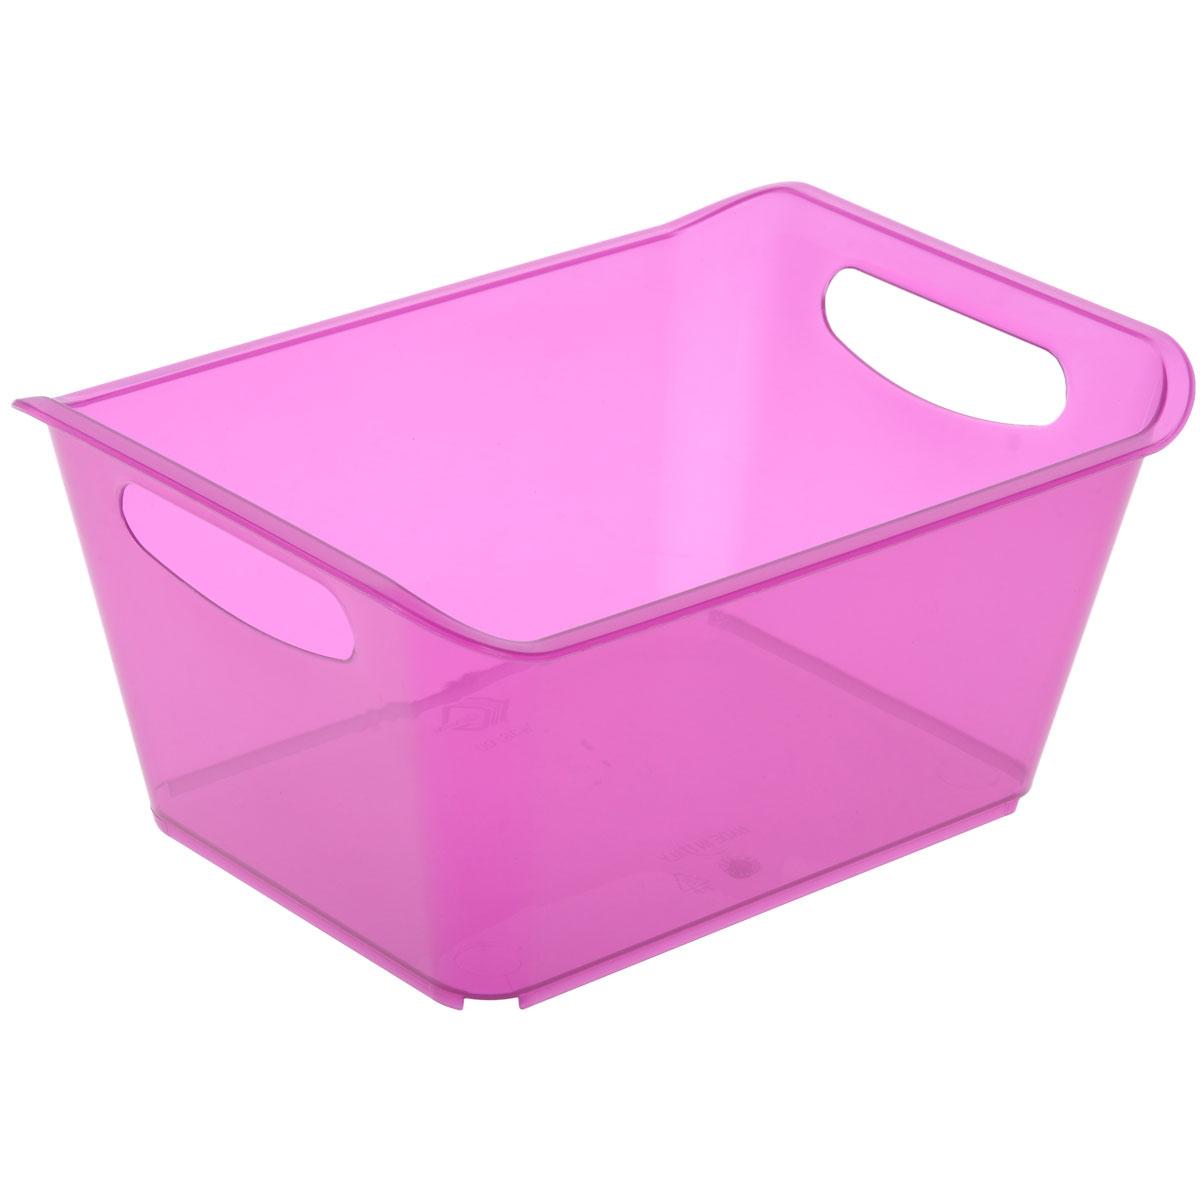 Контейнер Gensini, цвет: сиреневый, 1,5 л контейнер gensini цвет сиреневый 10 л